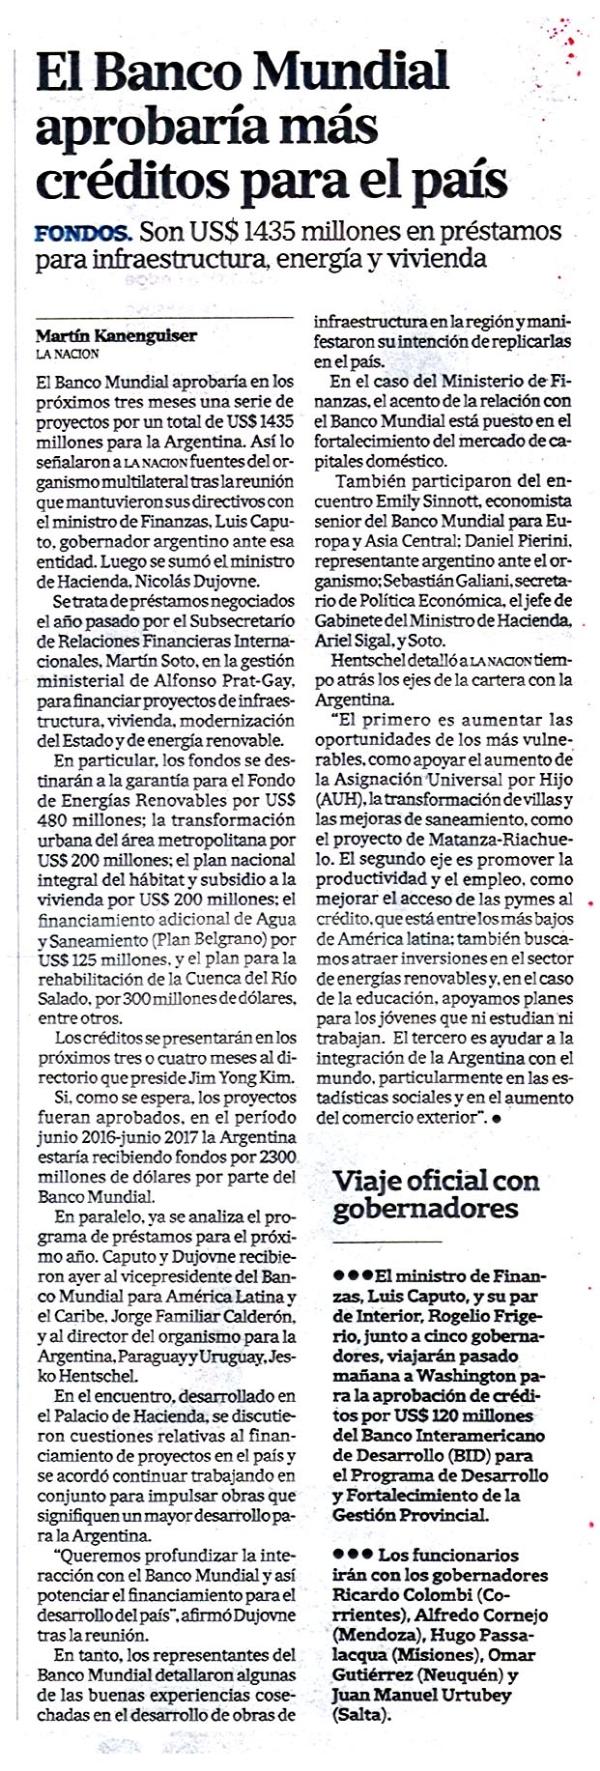 El banco mundial aprobar a m s cr ditos para el pa s for Banco exterior banco universal